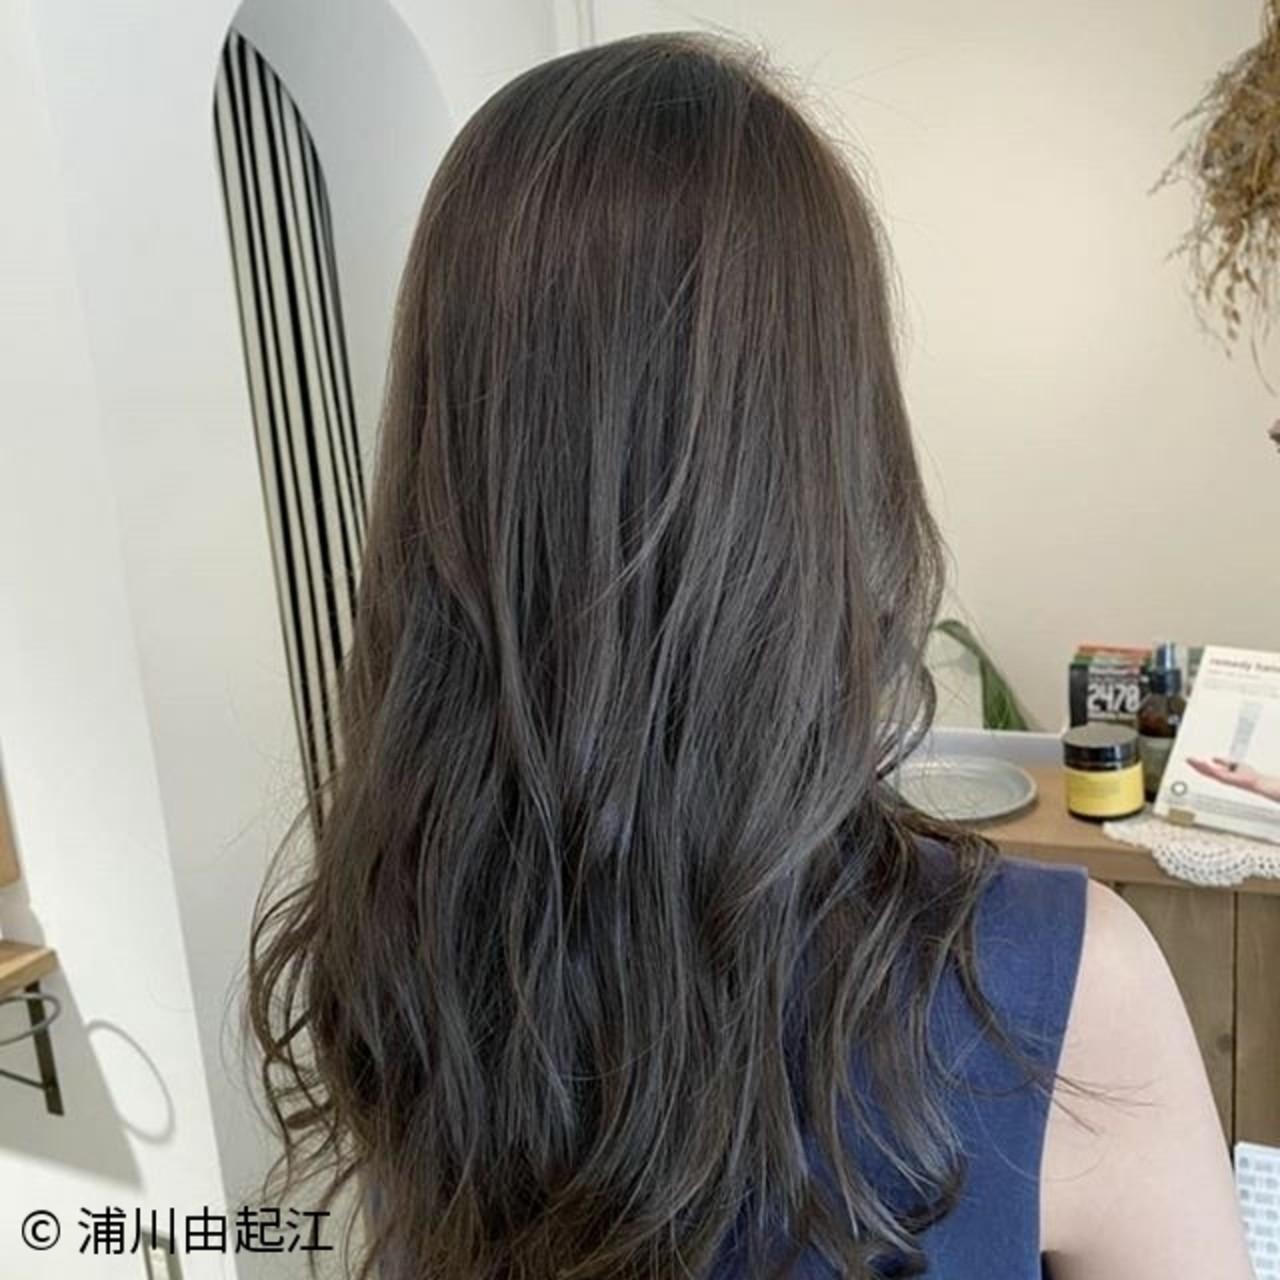 デート モテ髪 エレガント ゆるふわヘアスタイルや髪型の写真・画像